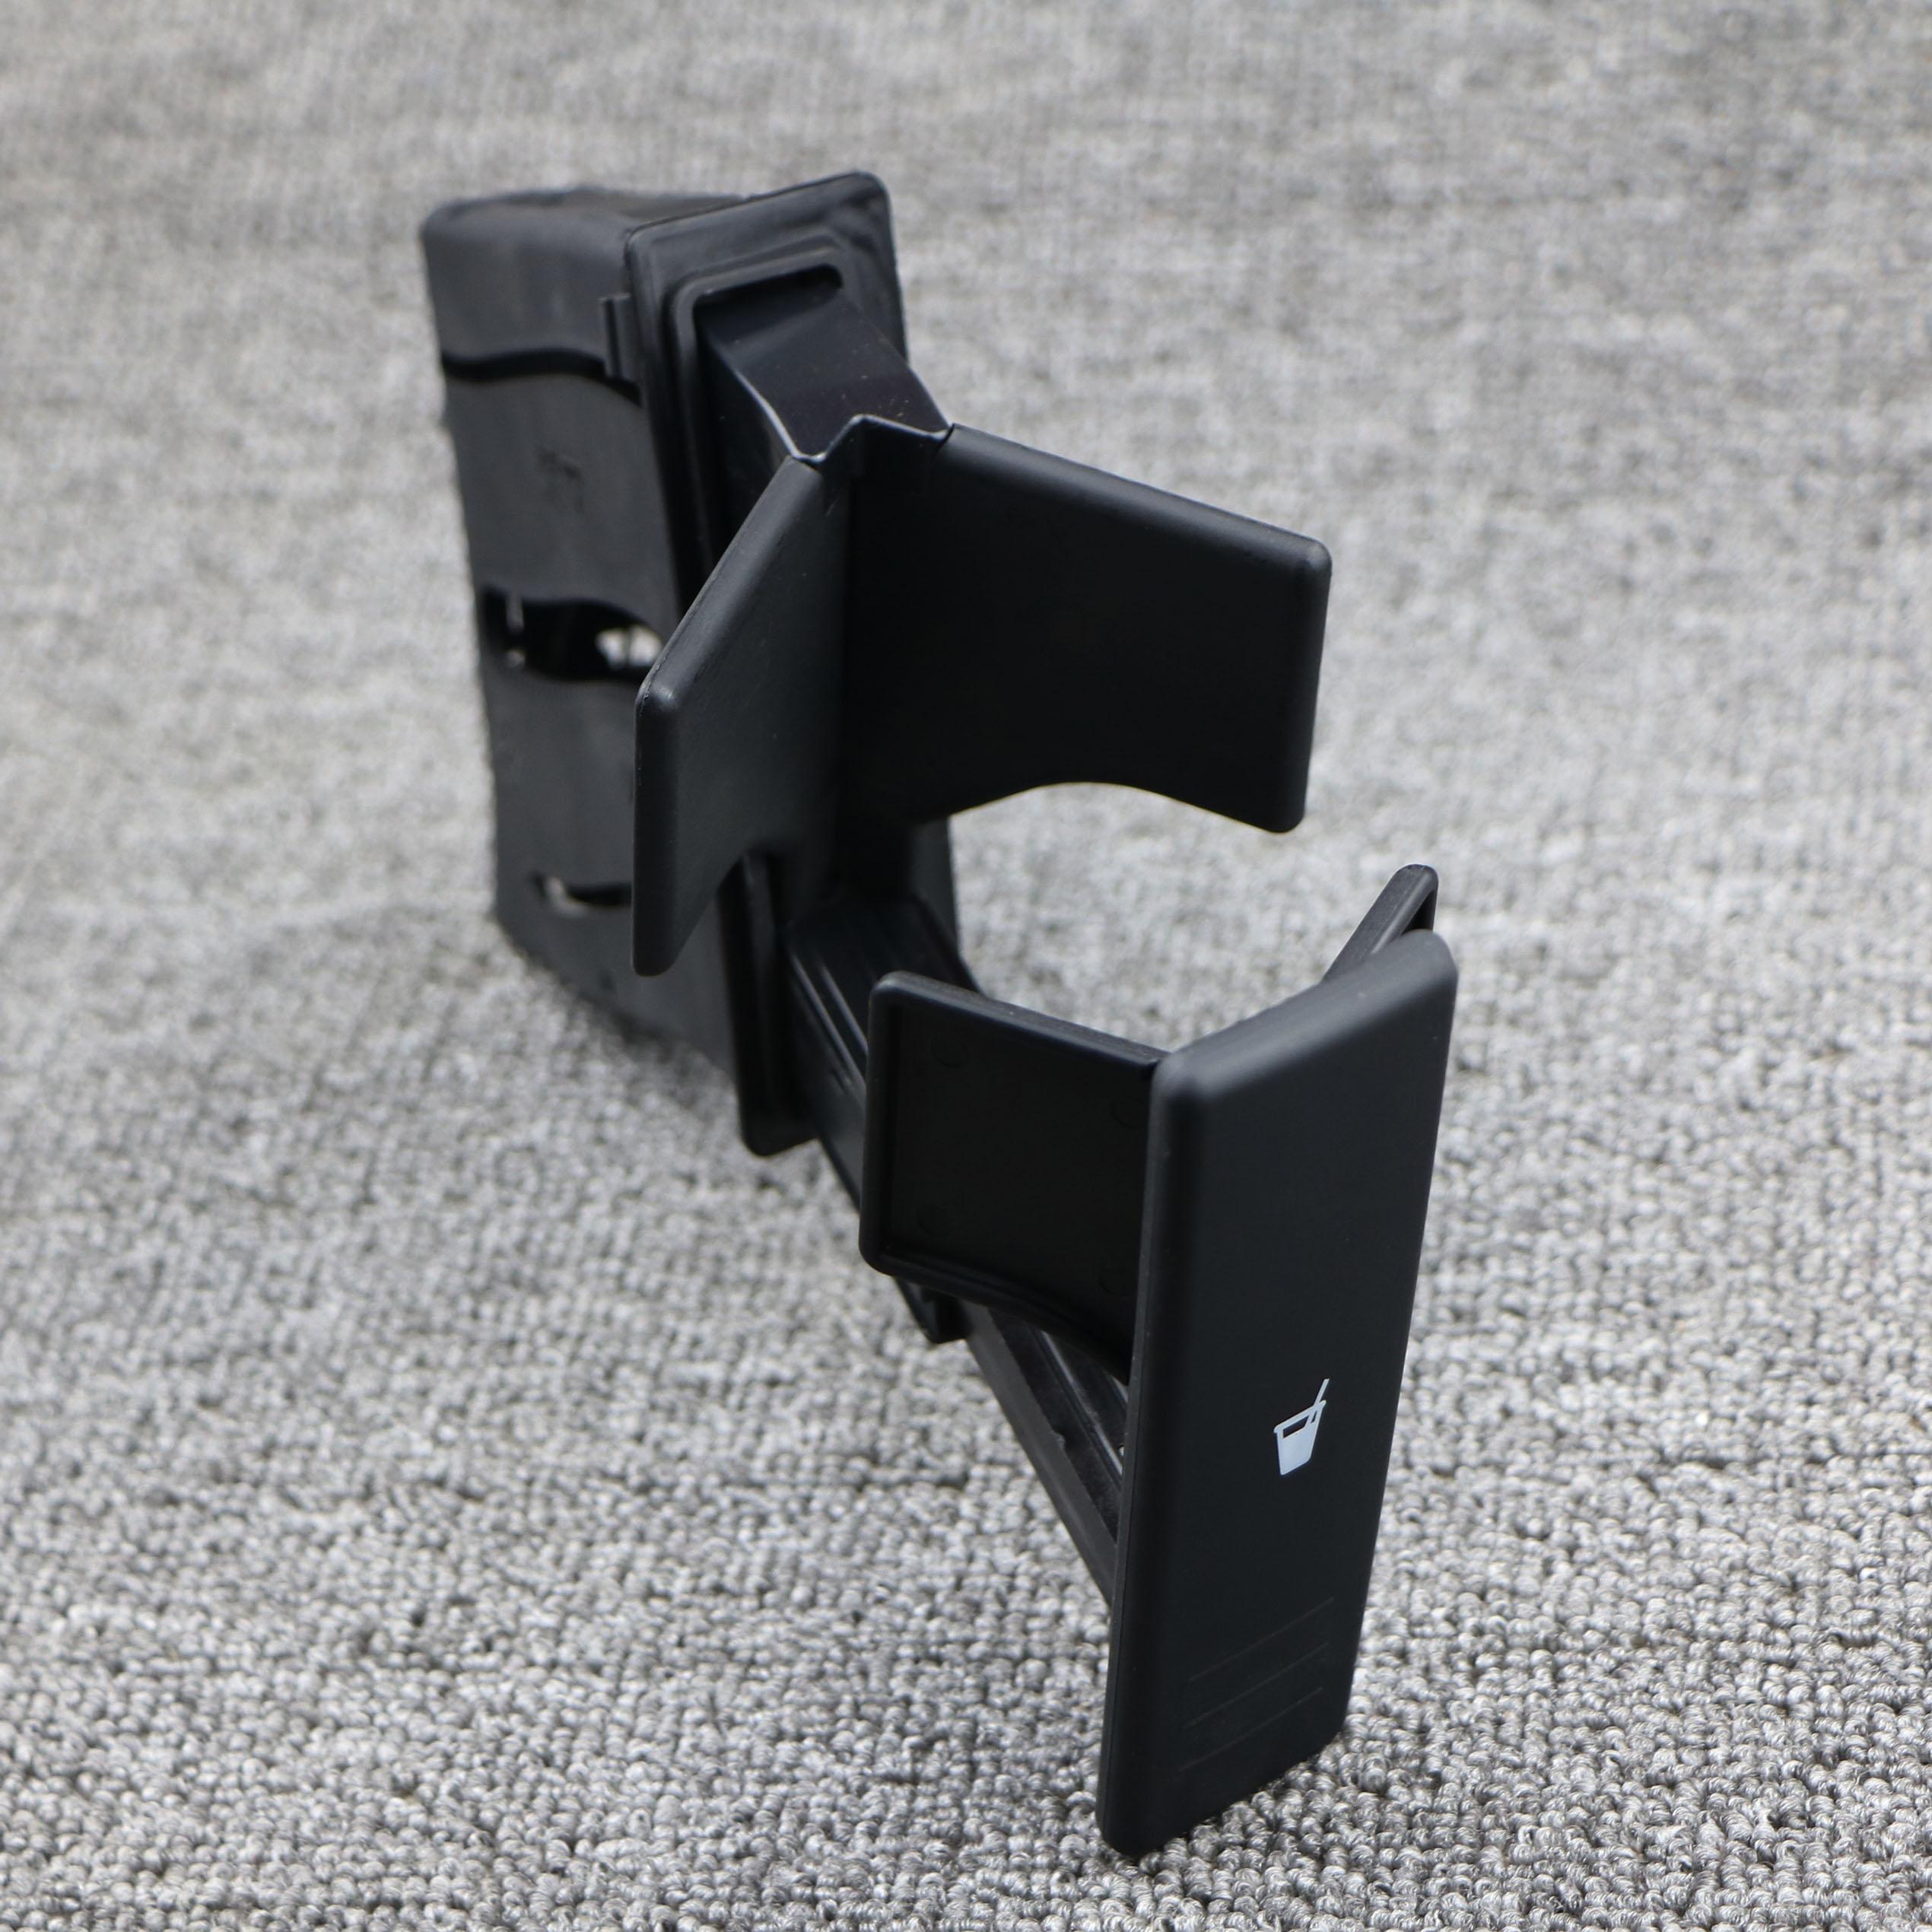 Черный держатель чашки приборной панели держатель чашки для VW Polo 9N 2002 2003 2004 2005 2006 2007 2008 2009 2010 6Q0858602E 6Q0 858 602